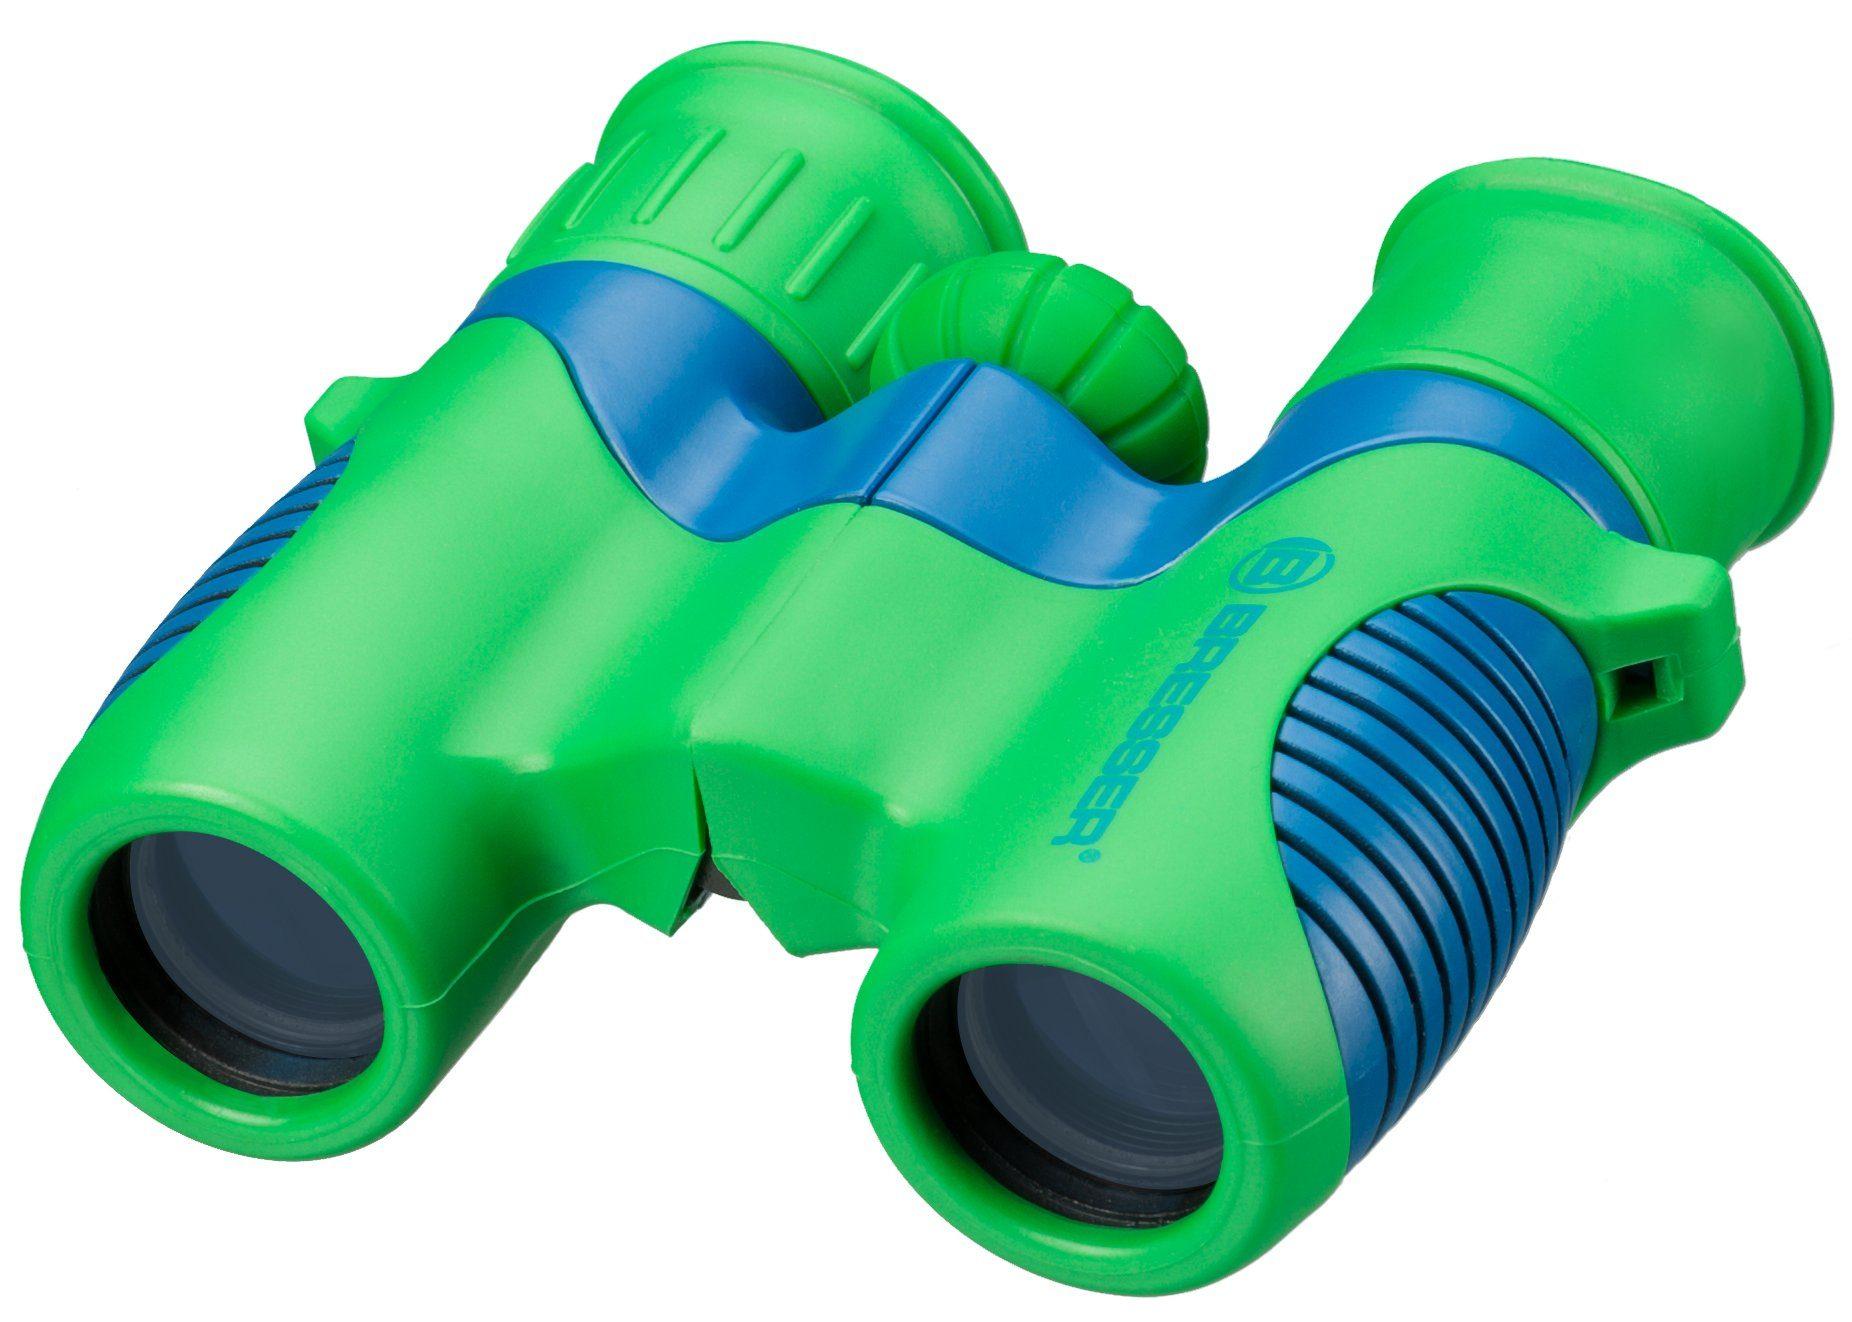 Fernglas olympus dps i binoculars ° sehfeld